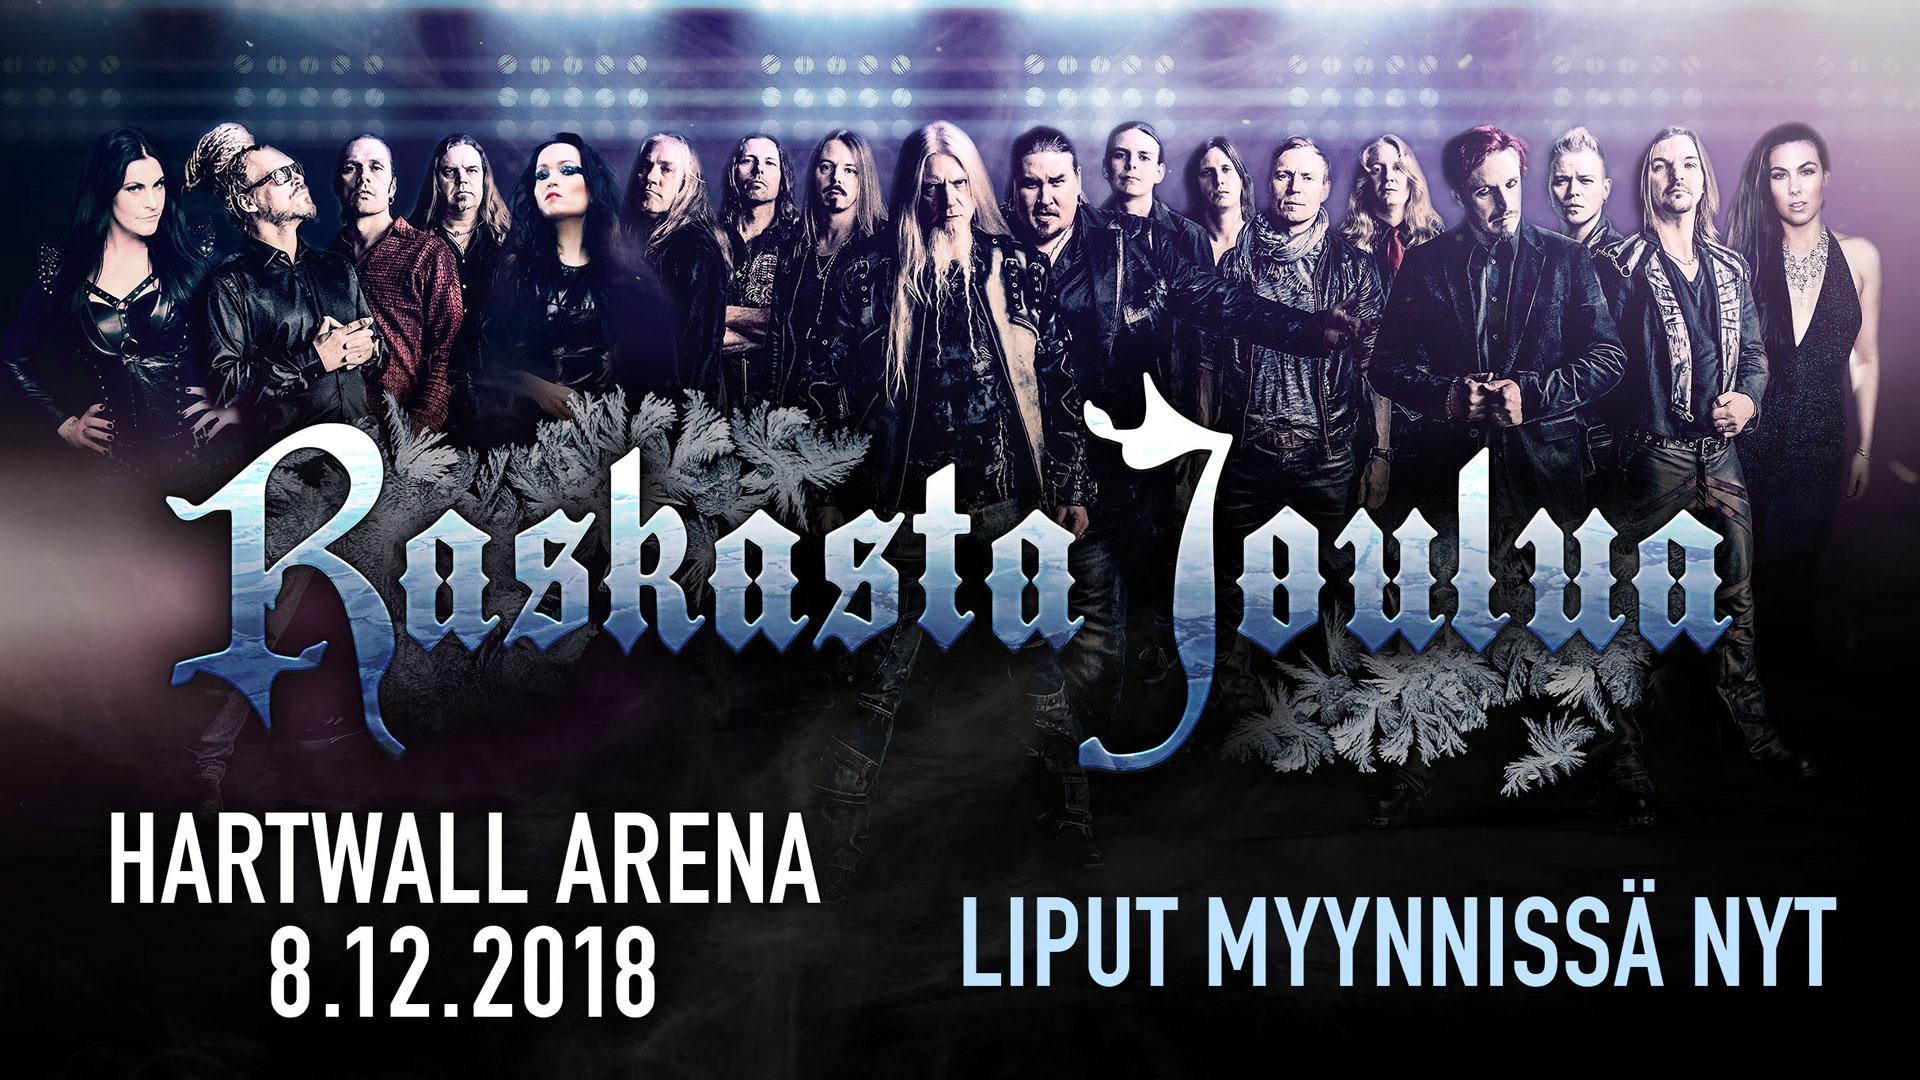 joulu 2018 vapaat Raskasta Joulua  konsertti 2018 | Tapahtuma | Helsingin kaupunki joulu 2018 vapaat